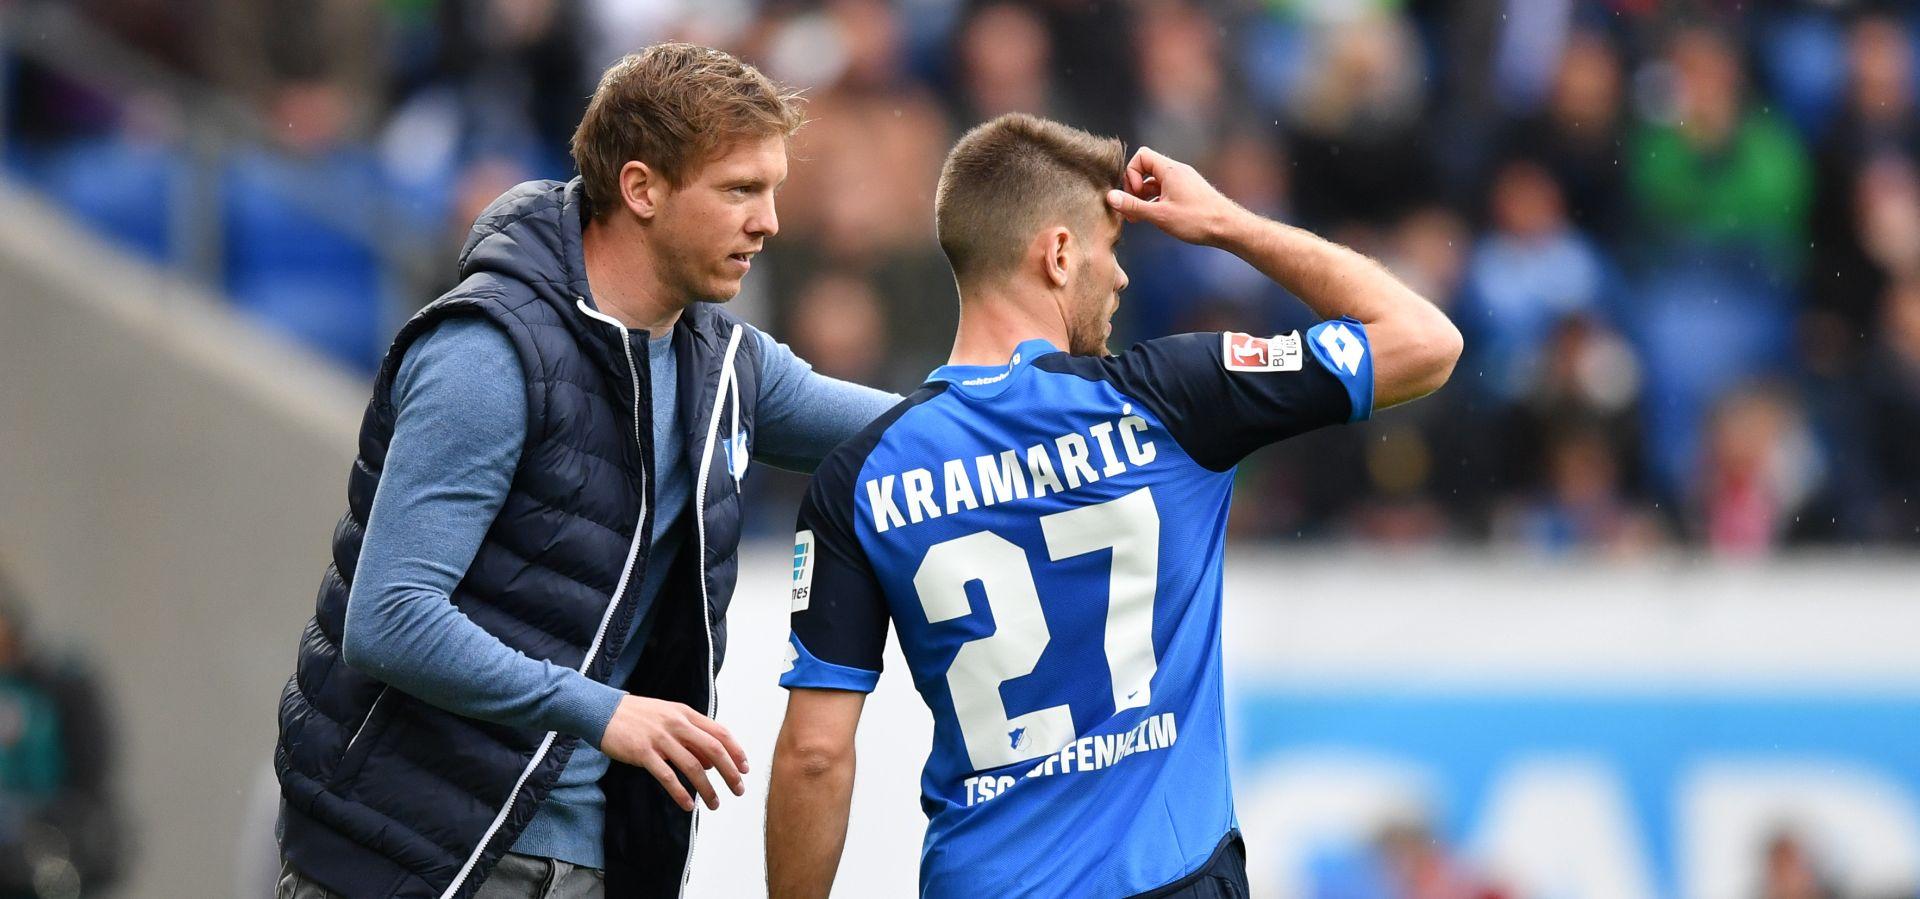 BUNDESLIGA Pobjede Borussije Dortmund i Hoffenheima, Kramarić asistent